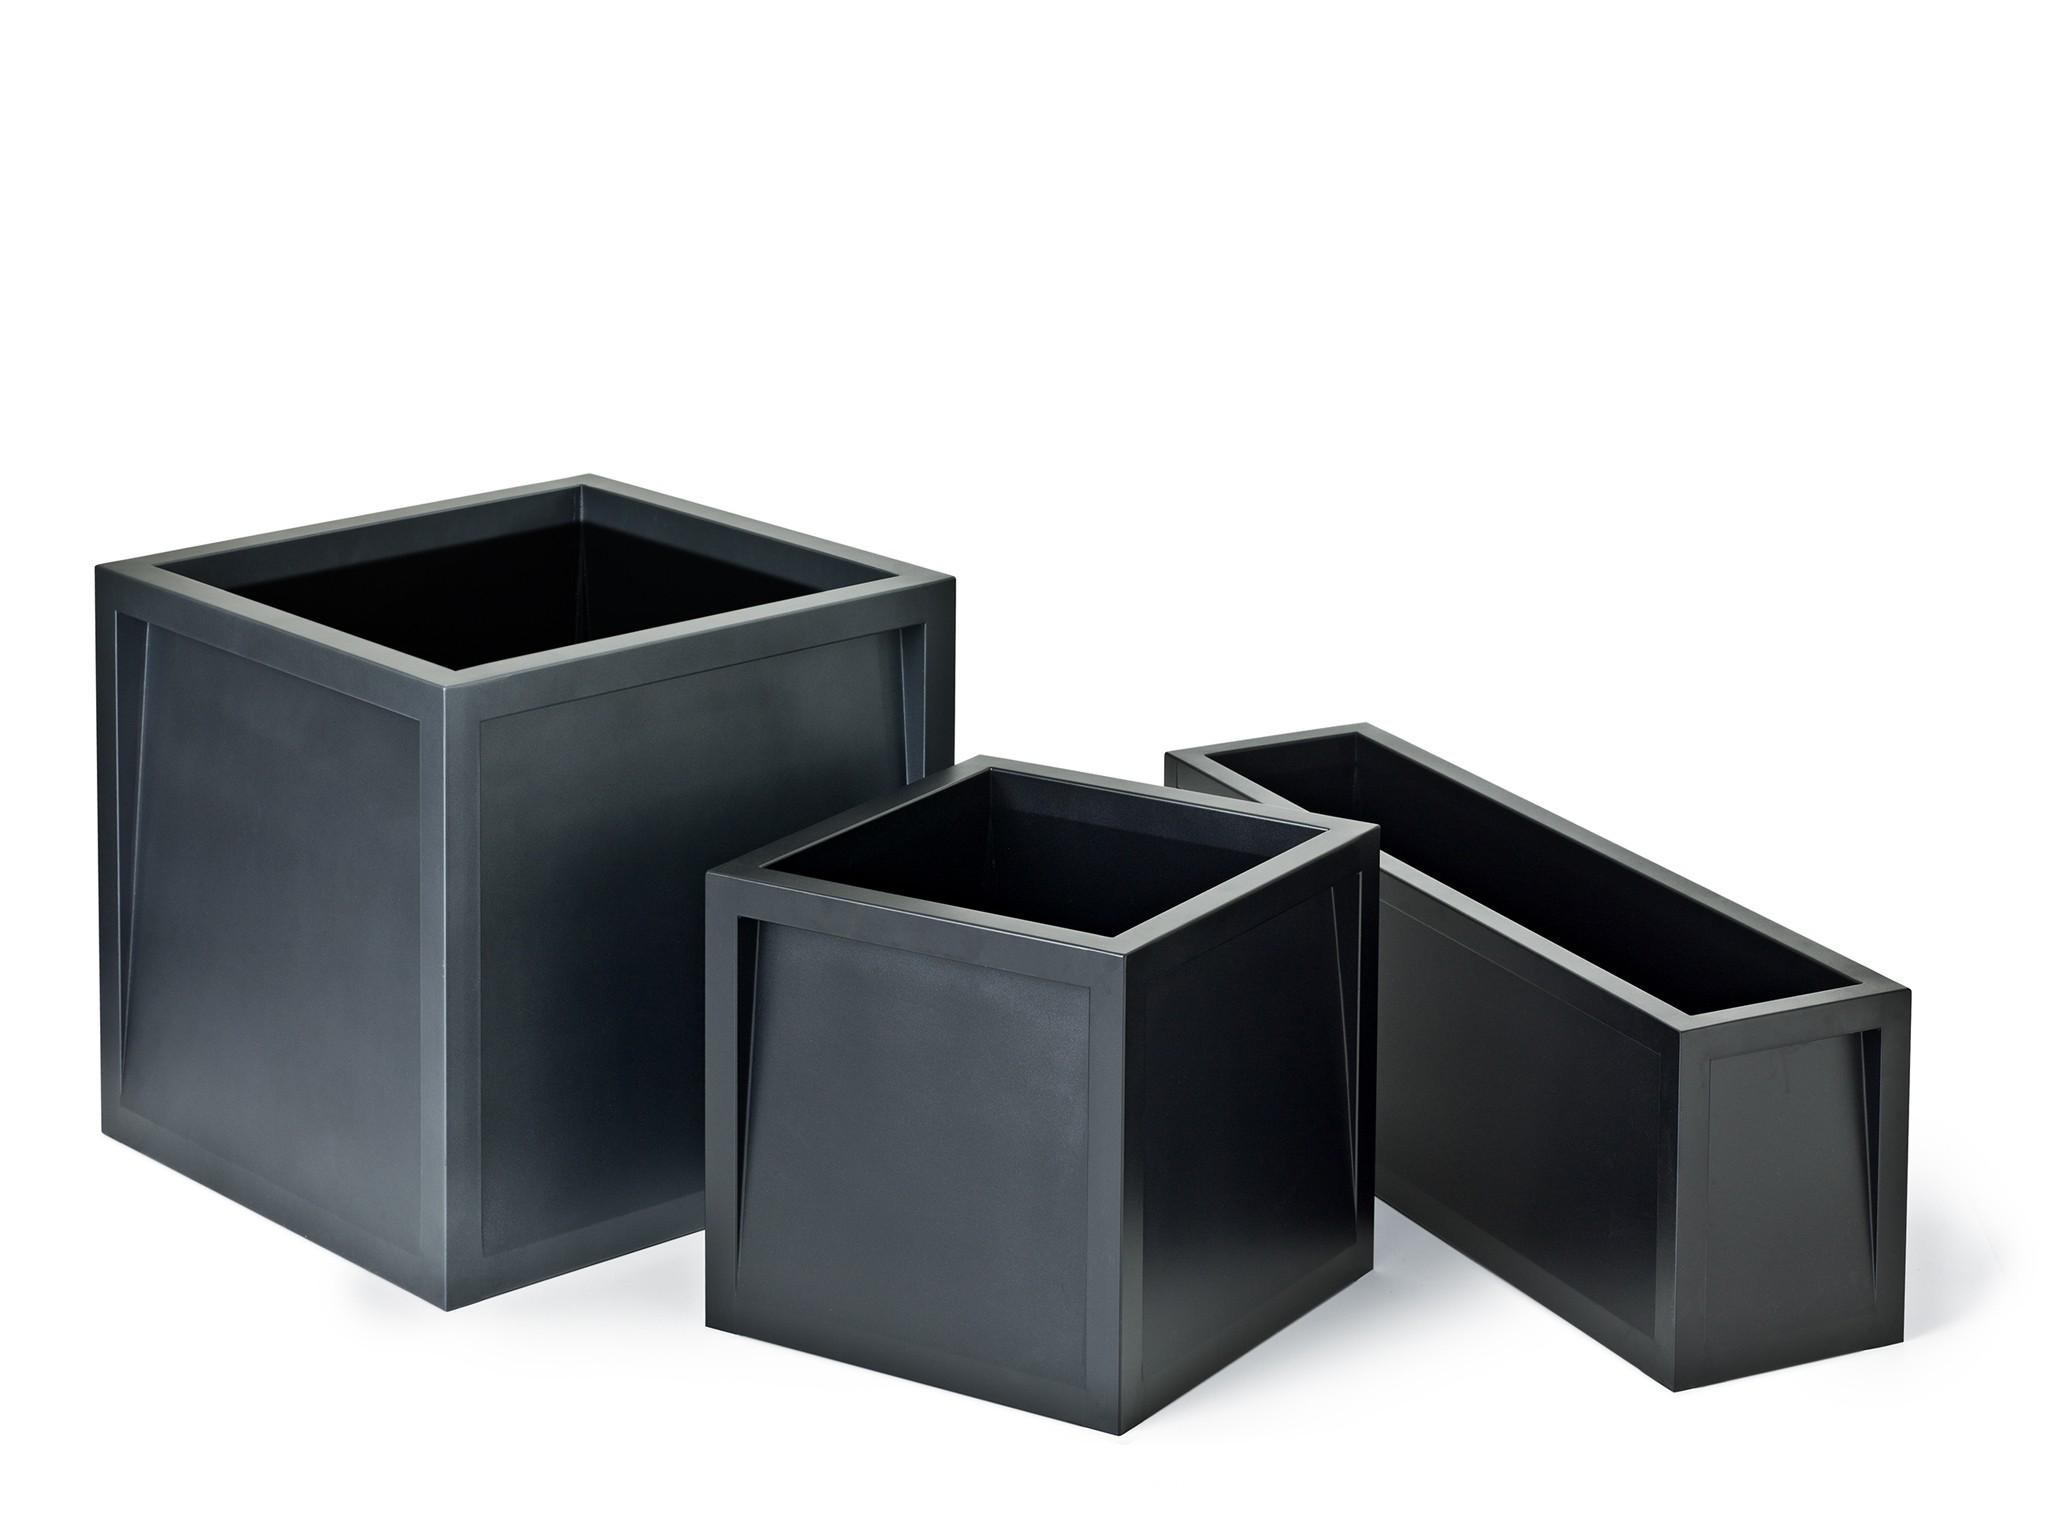 Frame plantenbak vierkante bloembak ook een rechthoekige die wat lager is en een hoge bloembak van staal in het zwart